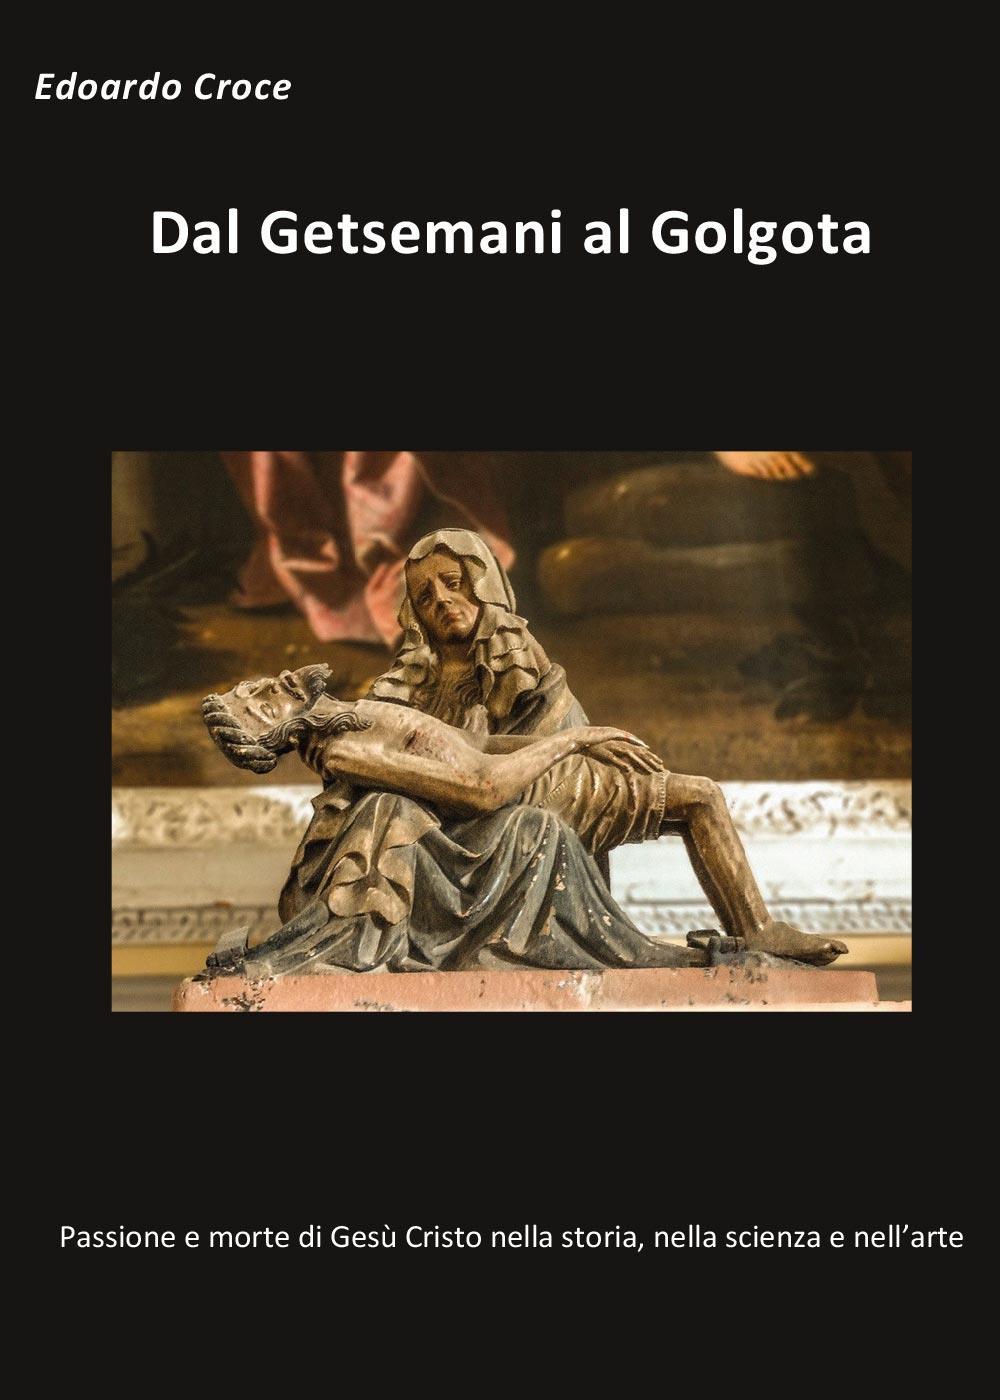 Dal Getsemani al Golgota - Passione e morte di Gesù Cristo nella storia, nella scienza, nell'arte